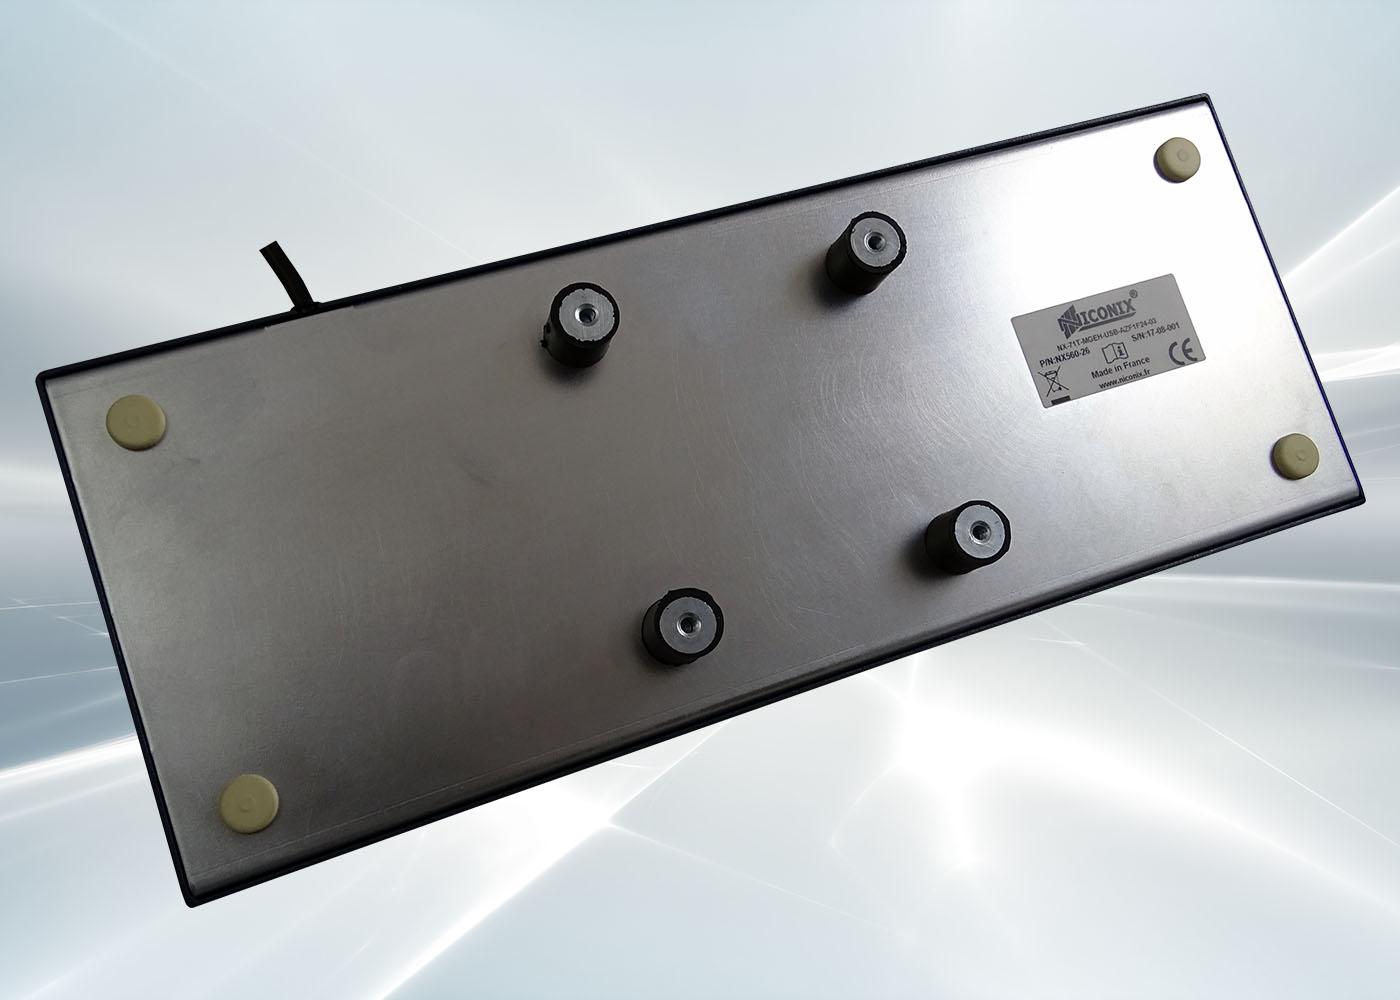 Clavier industriel 71 touches en boitier métallique de table étanche IP54 – Option silent bloc